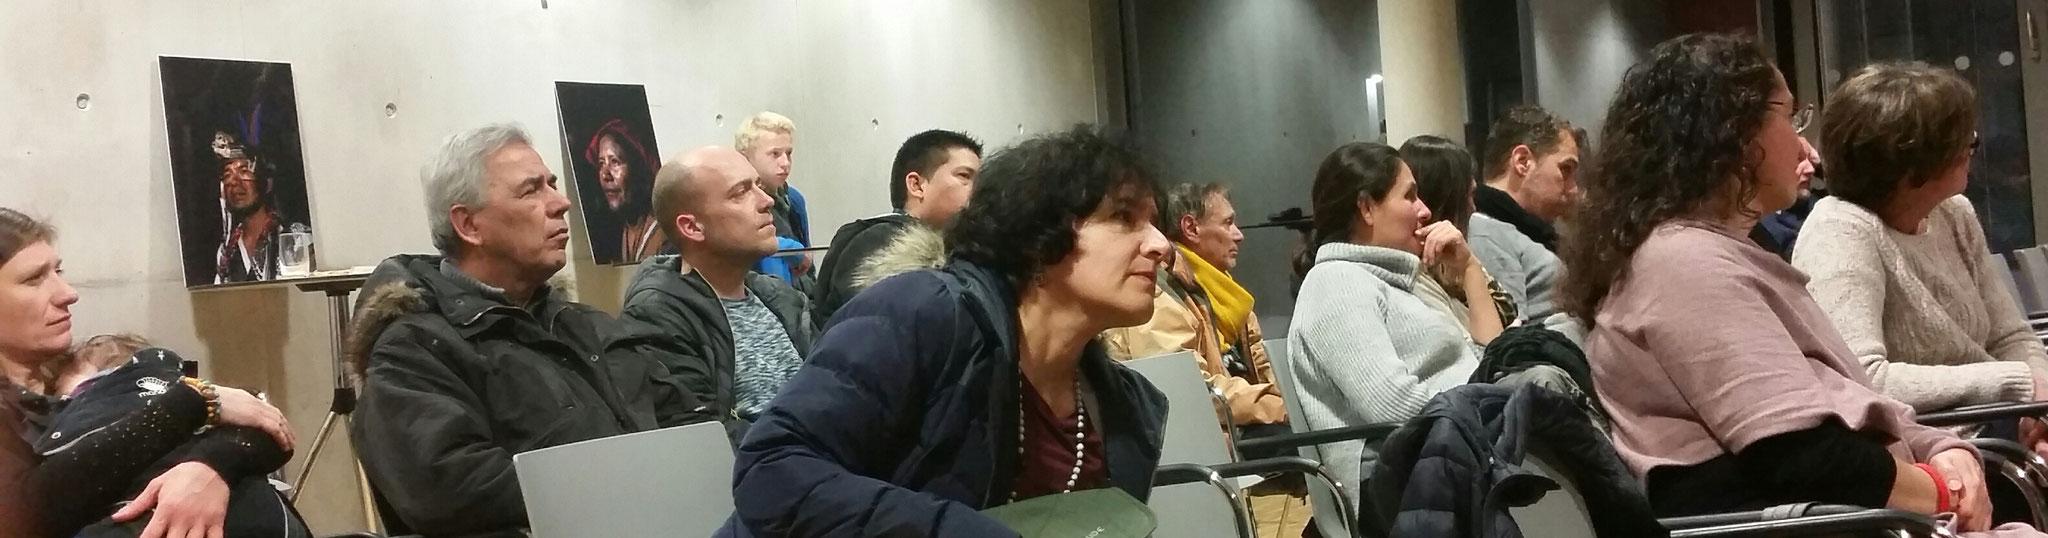 Frau Gloria Vásquez, referentin von Bildung trifft Entwicklung